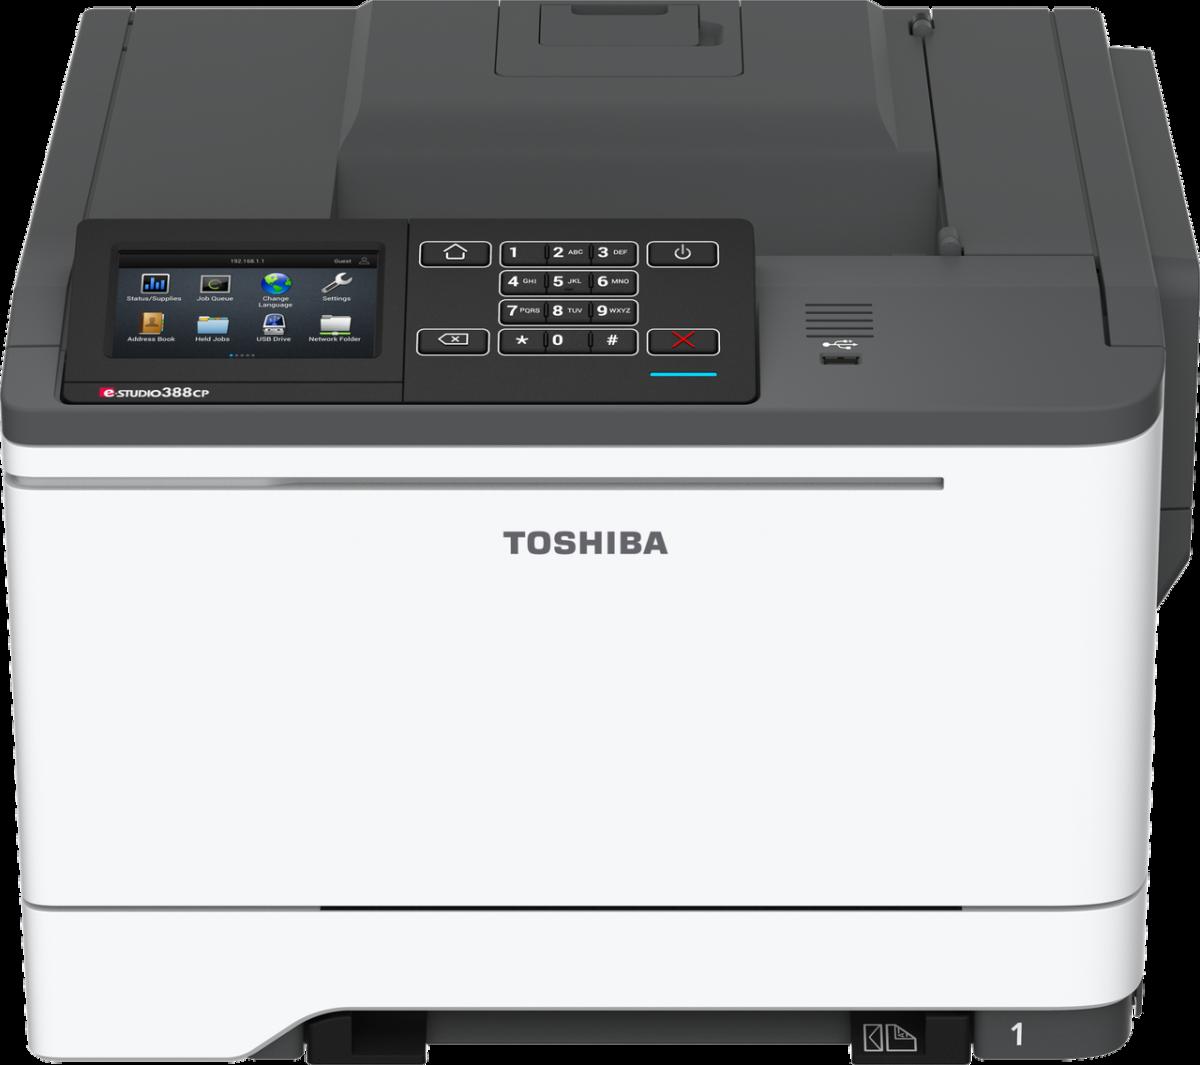 Tiskalnik TOSHIBA e-STUDIO388CP